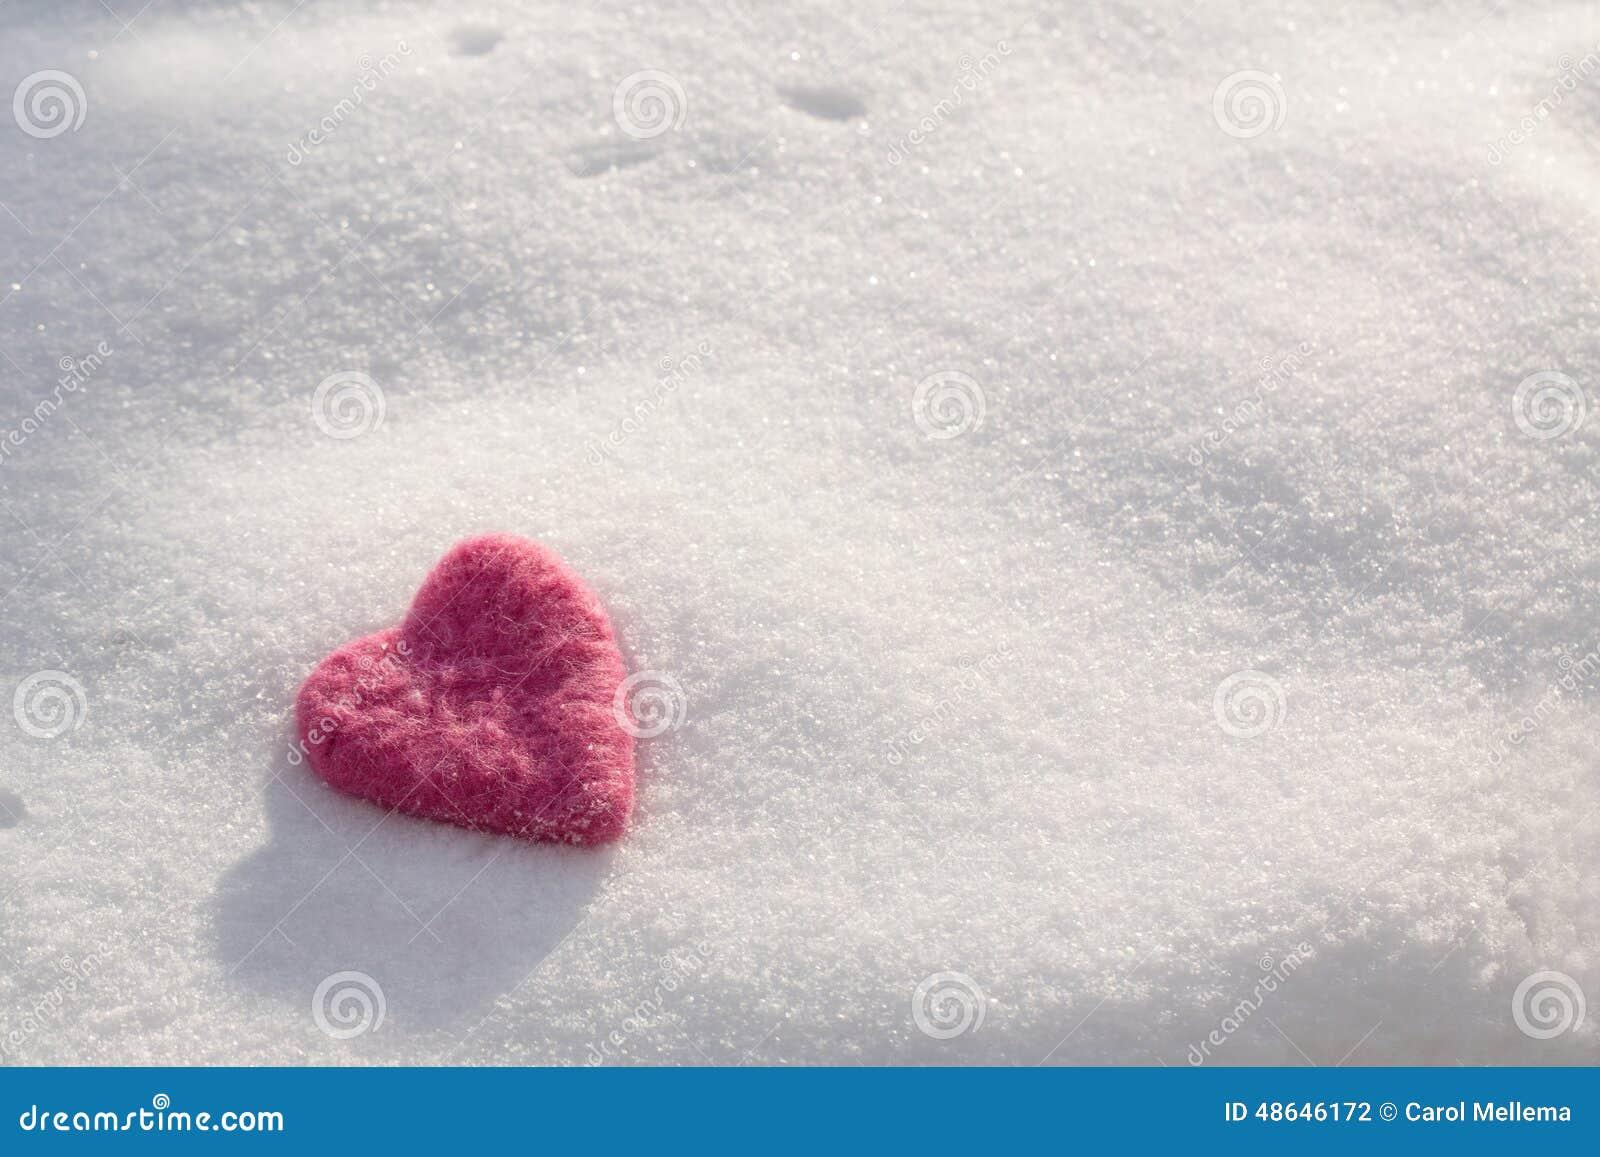 Fuzzy Pink Valentines Day Heart en nieve